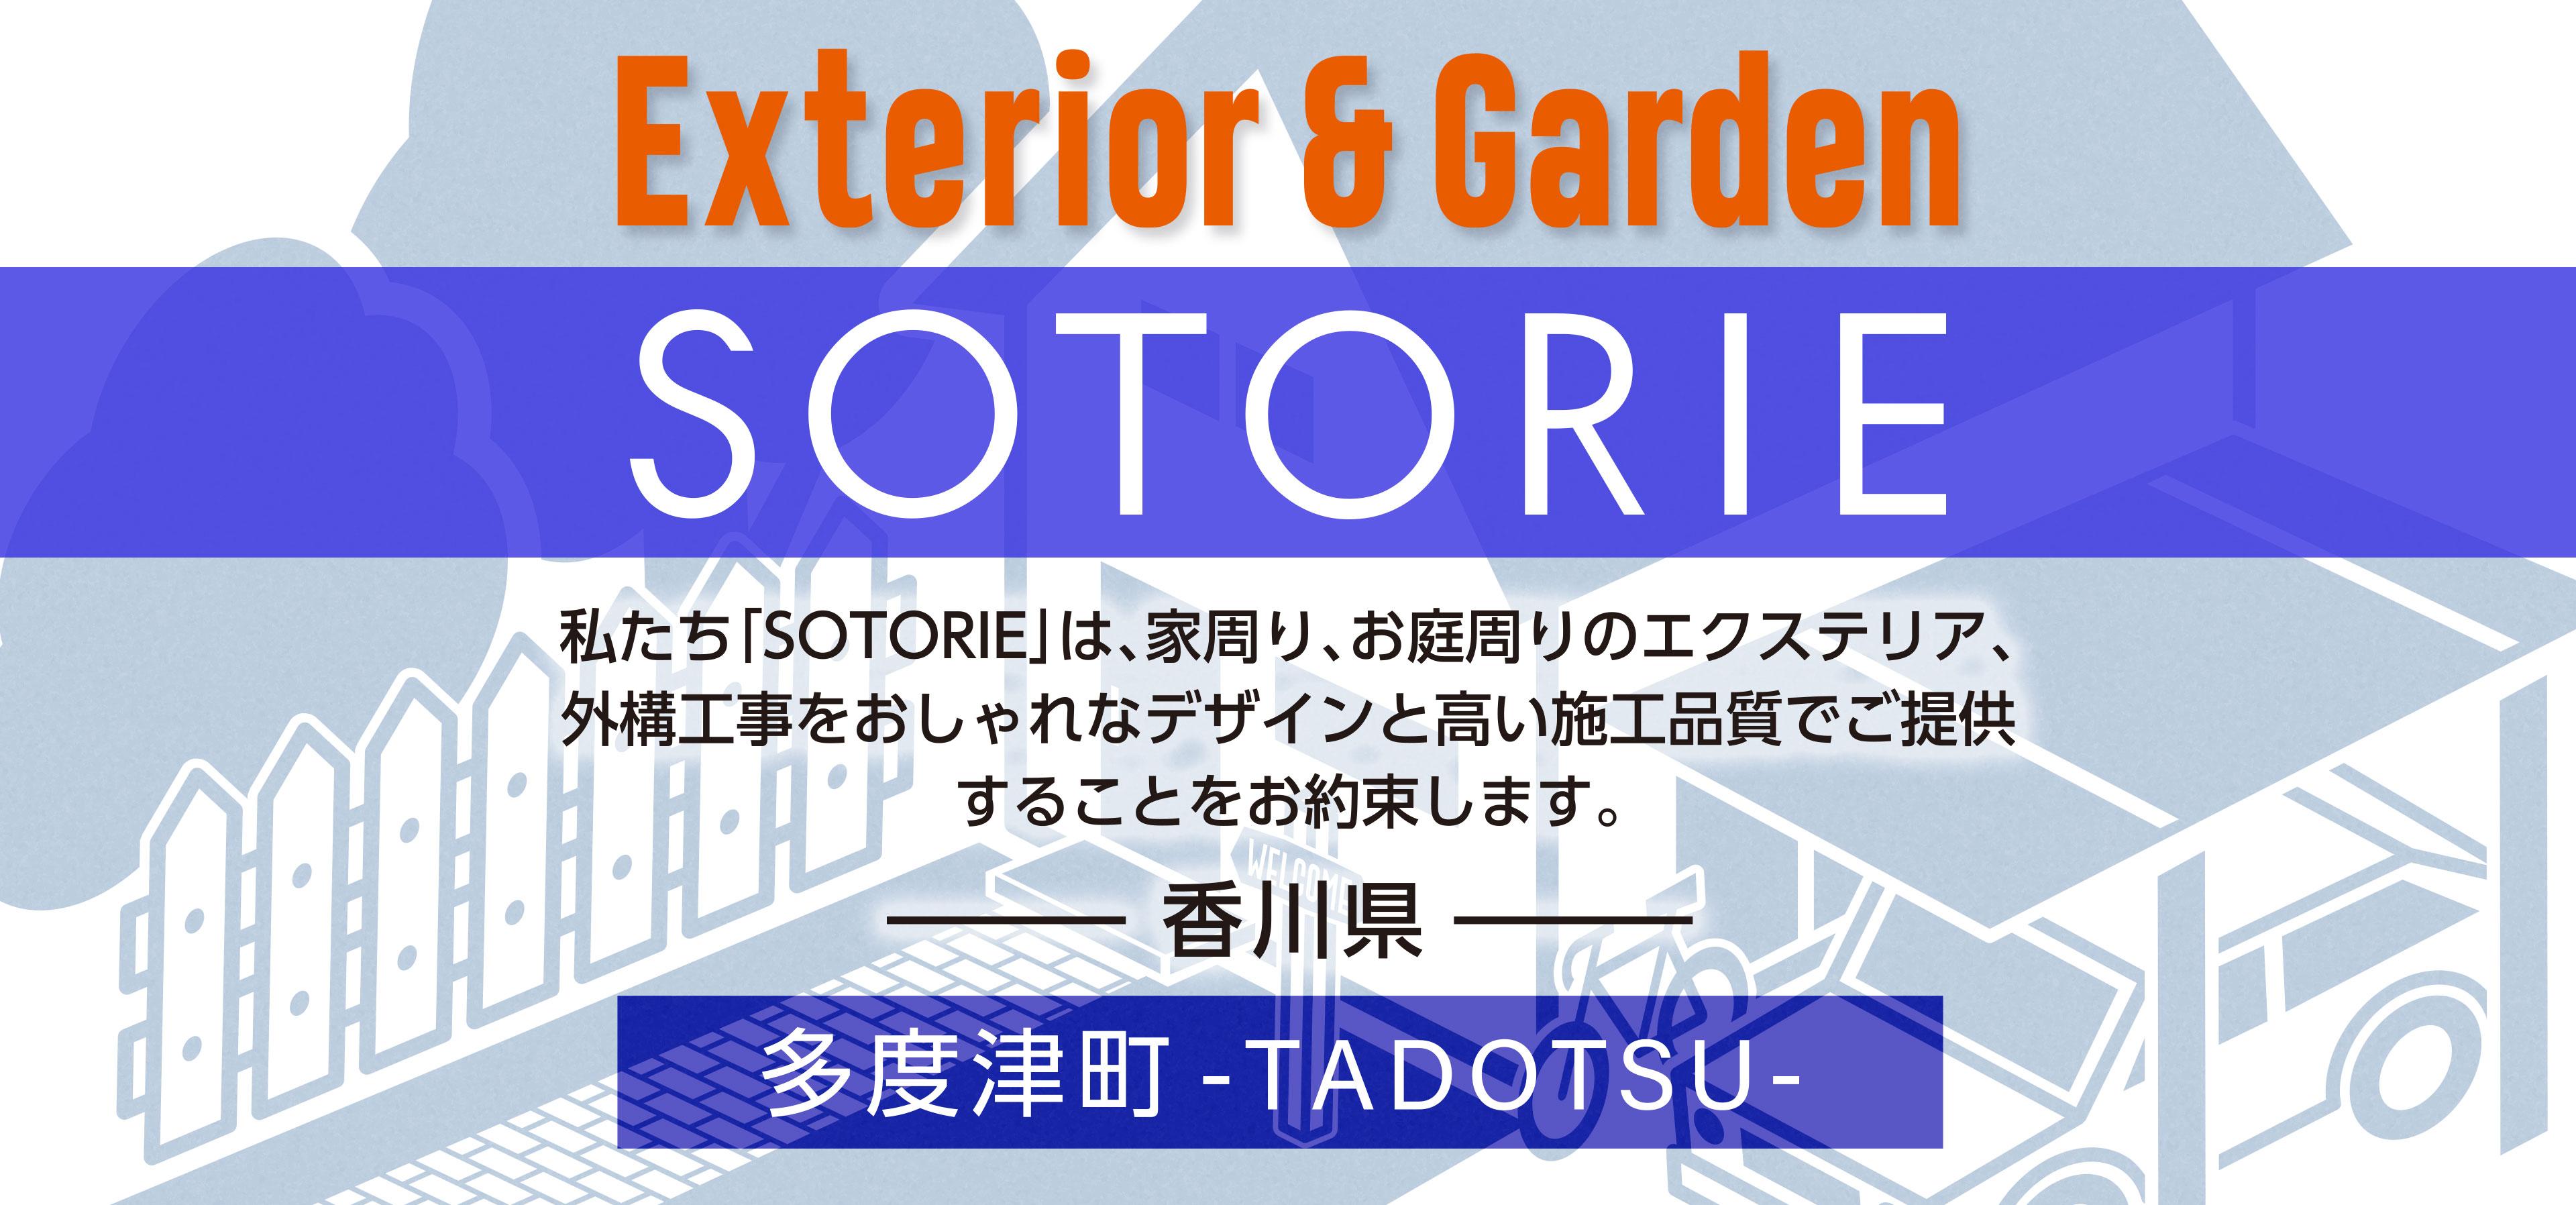 ソトリエ多度津町では、家周りと庭周りの外構、エクステリア工事をおしゃれなデザインと高い施工品質でご提供することをお約束します。